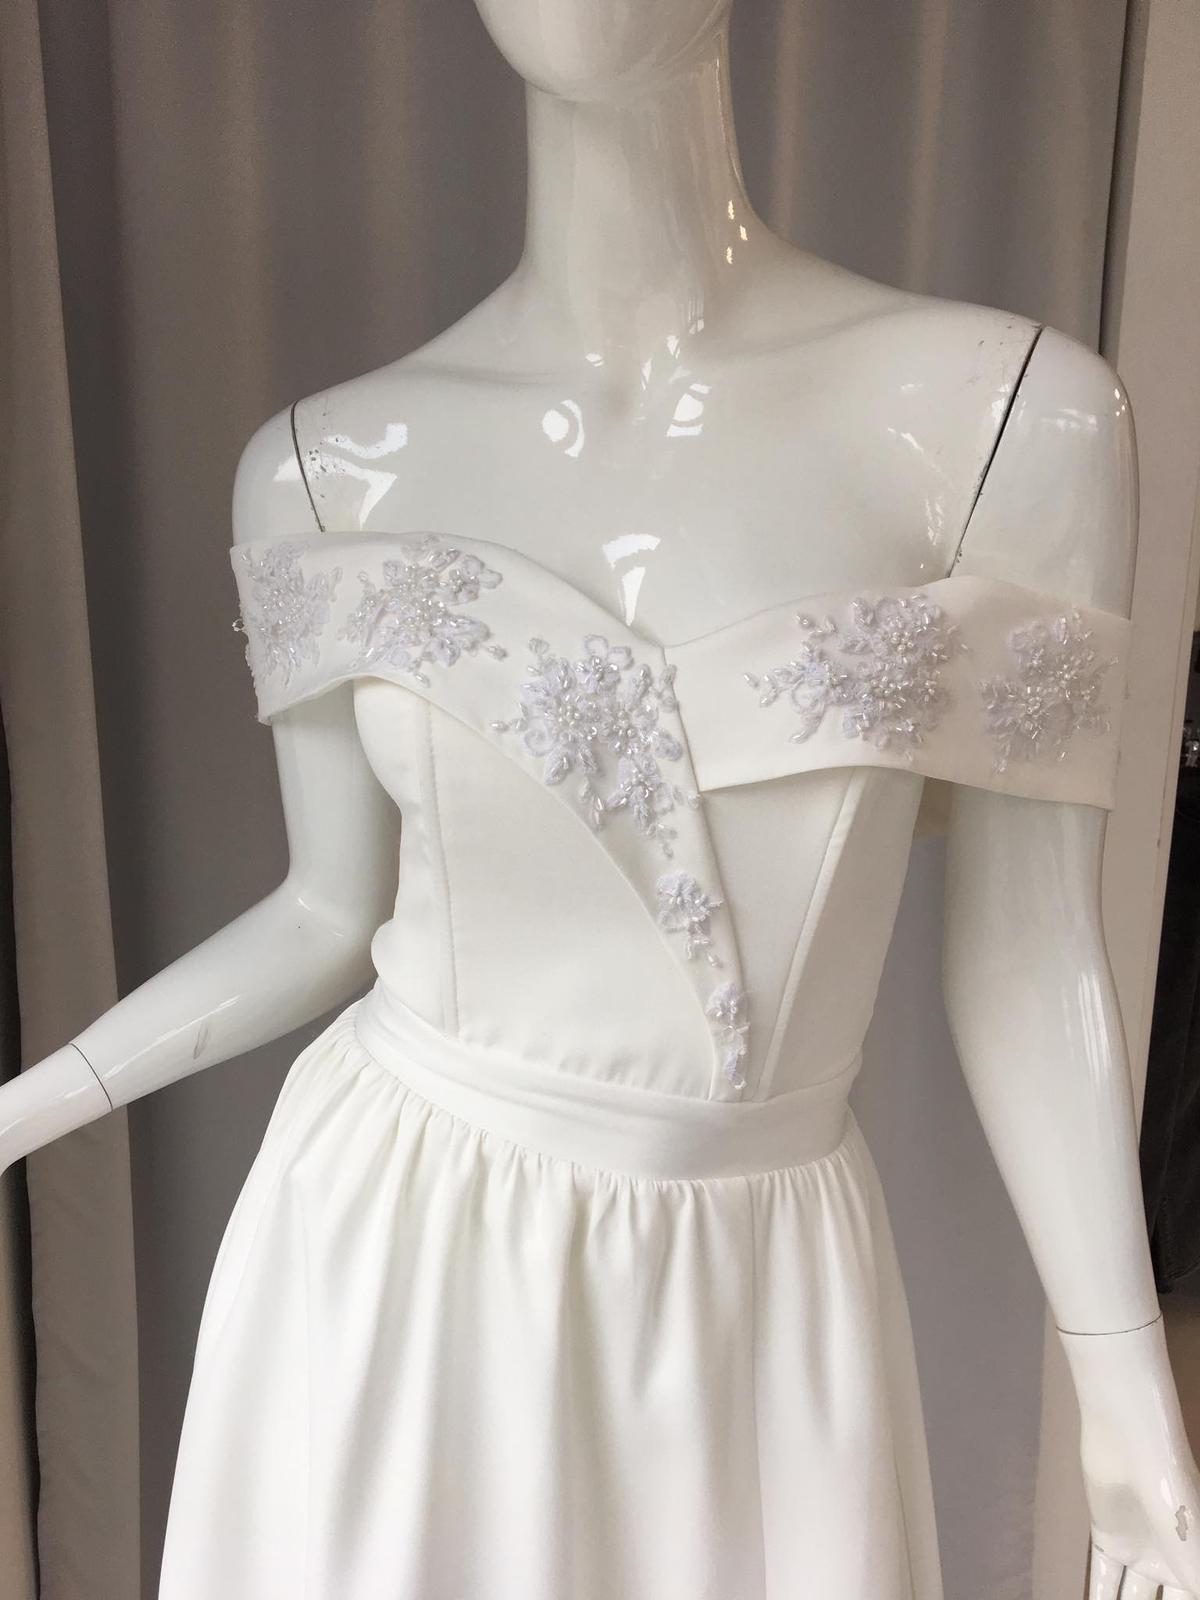 Biele popolnočné šaty - Obrázok č. 4